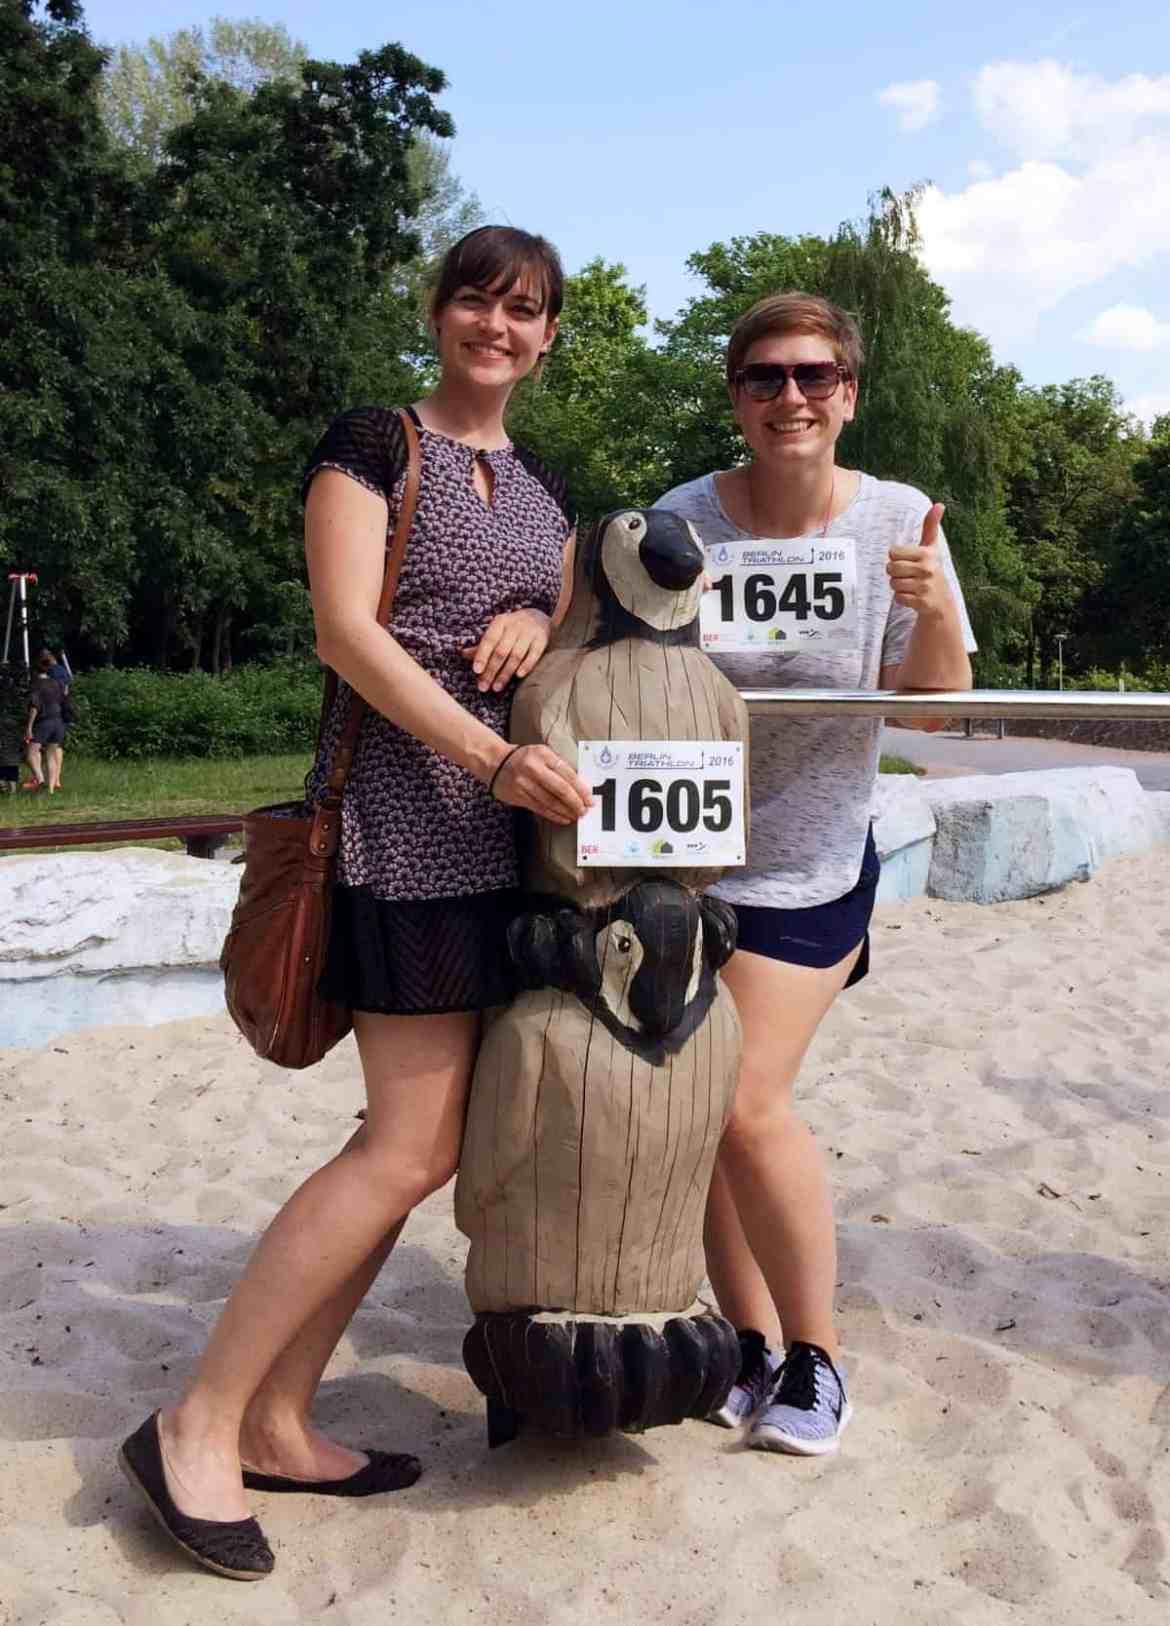 Mit Pinguinpower zum ersten Triathlon: Meine Freundin Sarah startete das erste Mal